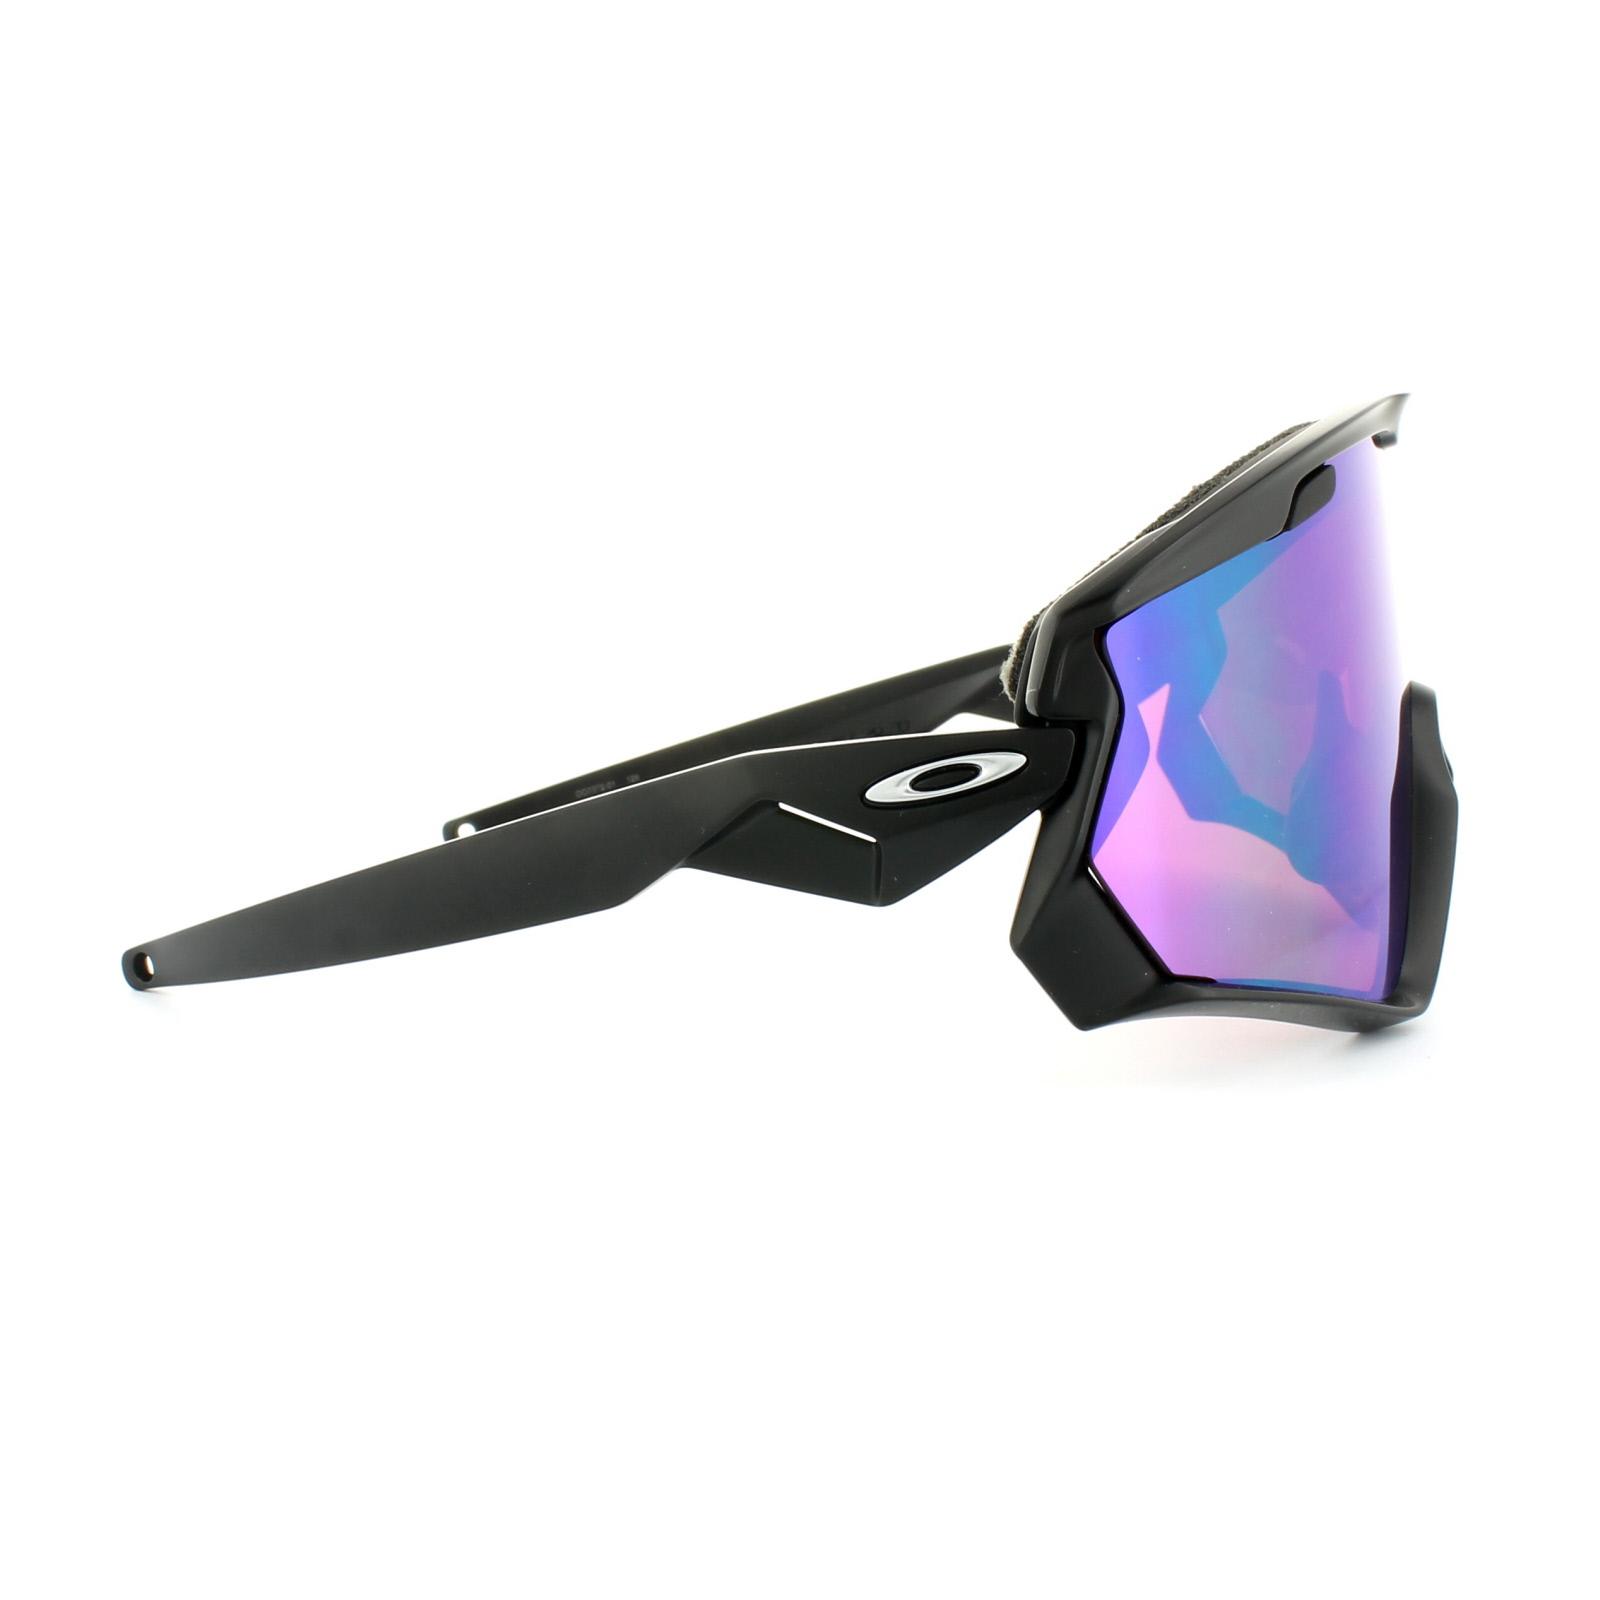 best oakley ski goggles hr2x  Sentinel Oakley Ski Goggles Wind Jacket 20 OO7072-01 Matt Black Prizm Jade  Iridium